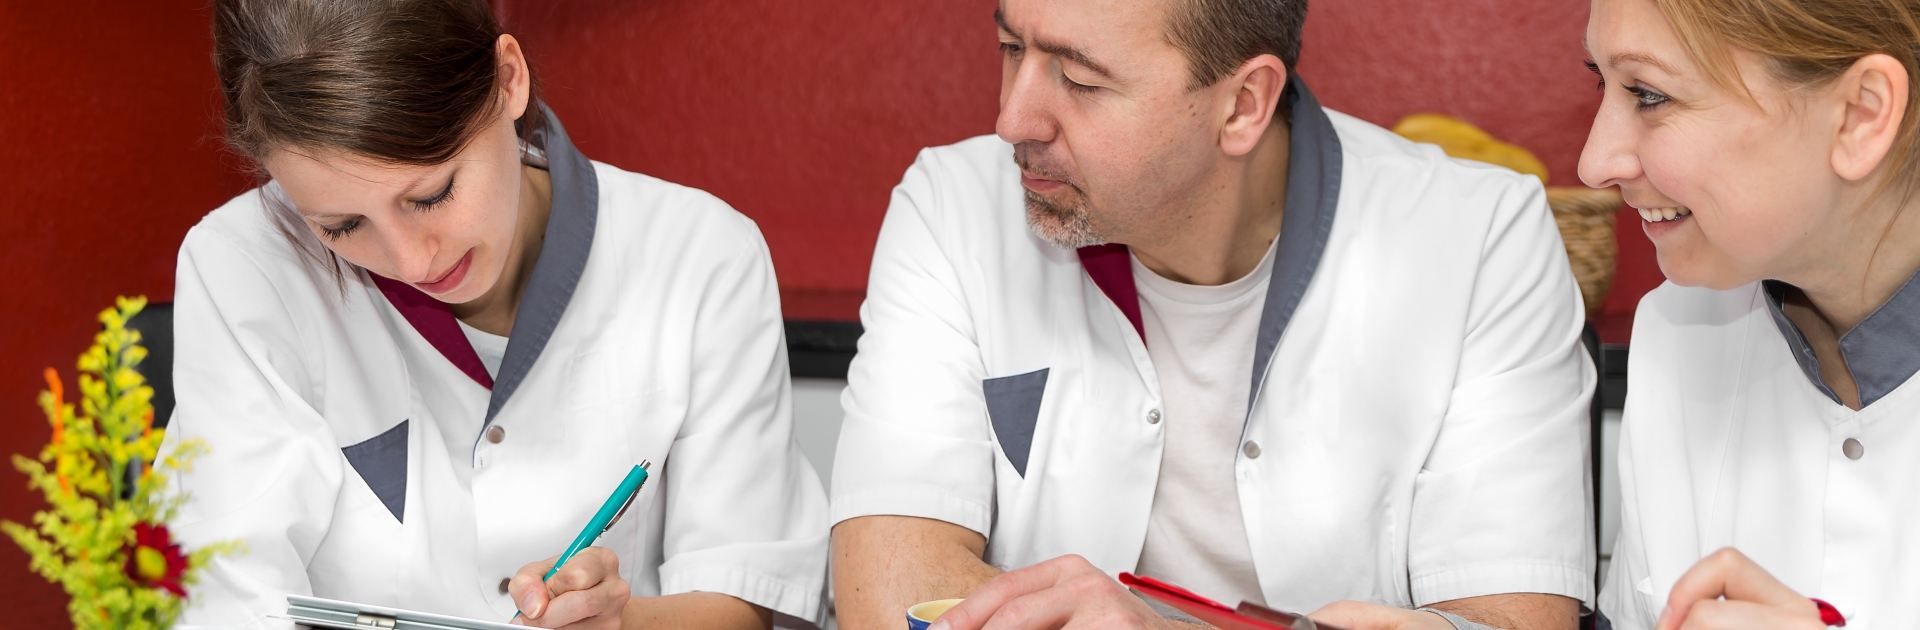 Drei Pfleger notieren sich Daten im Besprechungsraum